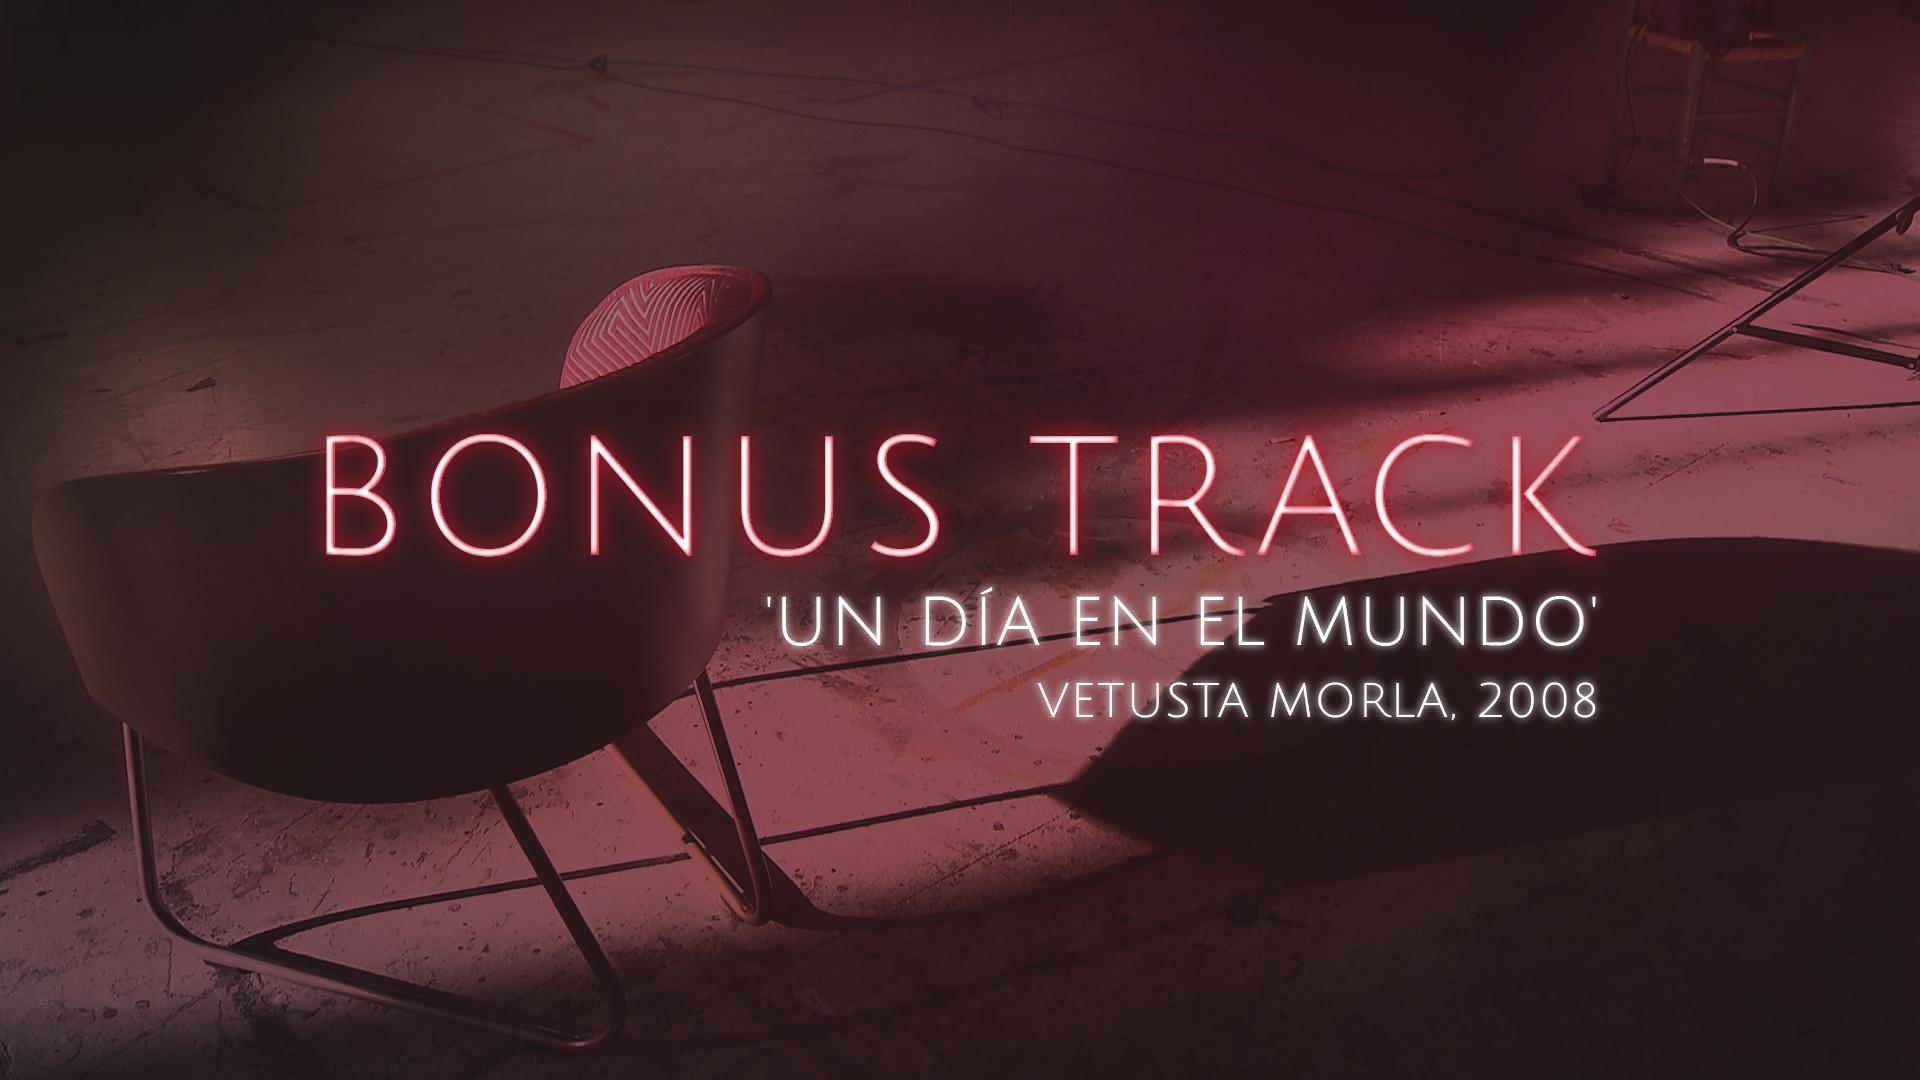 Bonus Track - 'Un día en el mundo', Vetusta Morla (Teaser) - 15/09/17